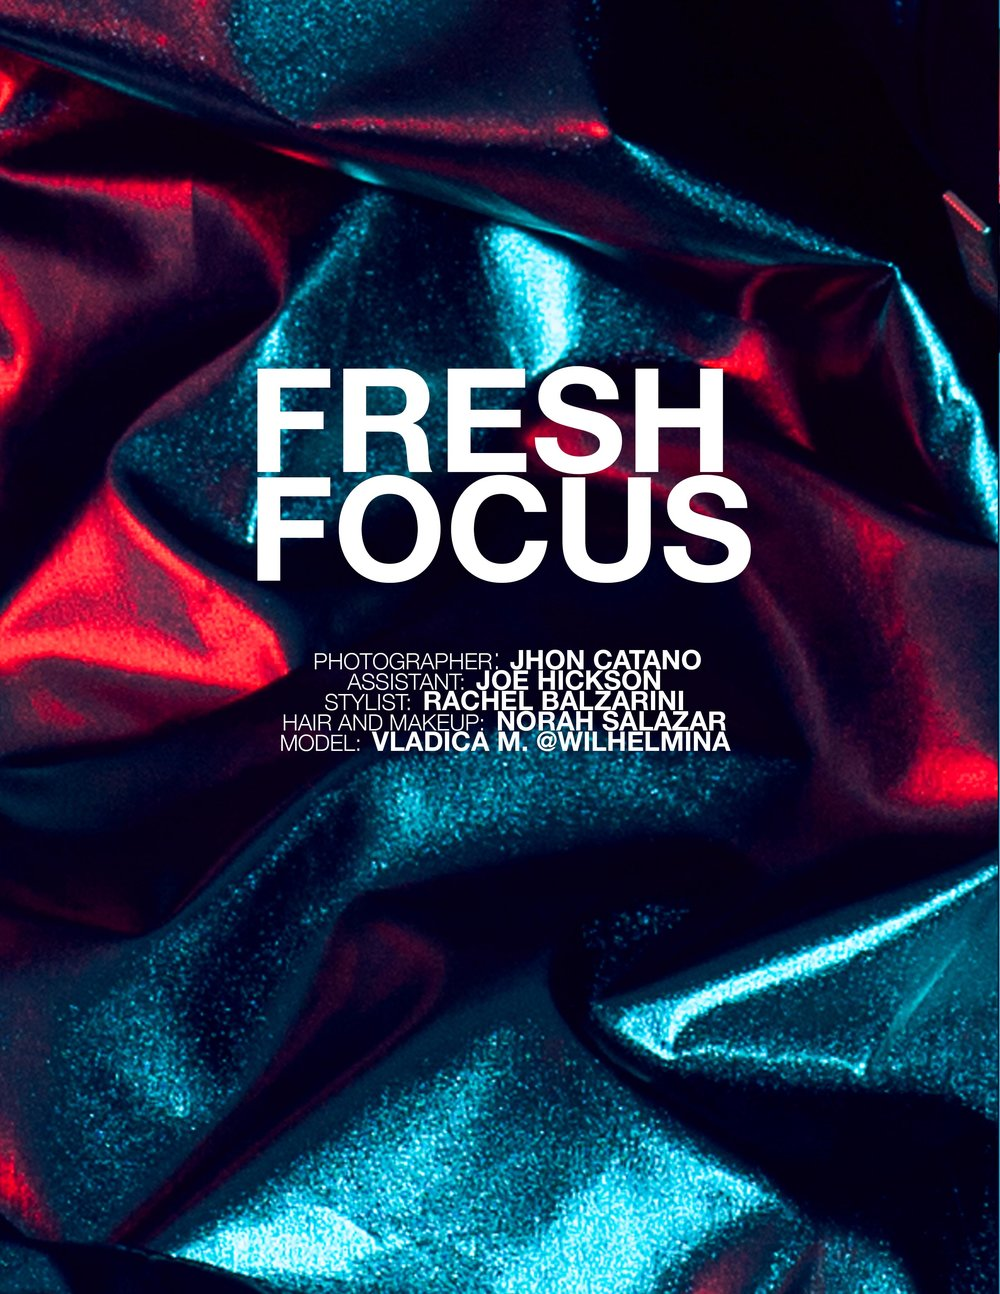 Frresh Focus1-2 copy.jpg